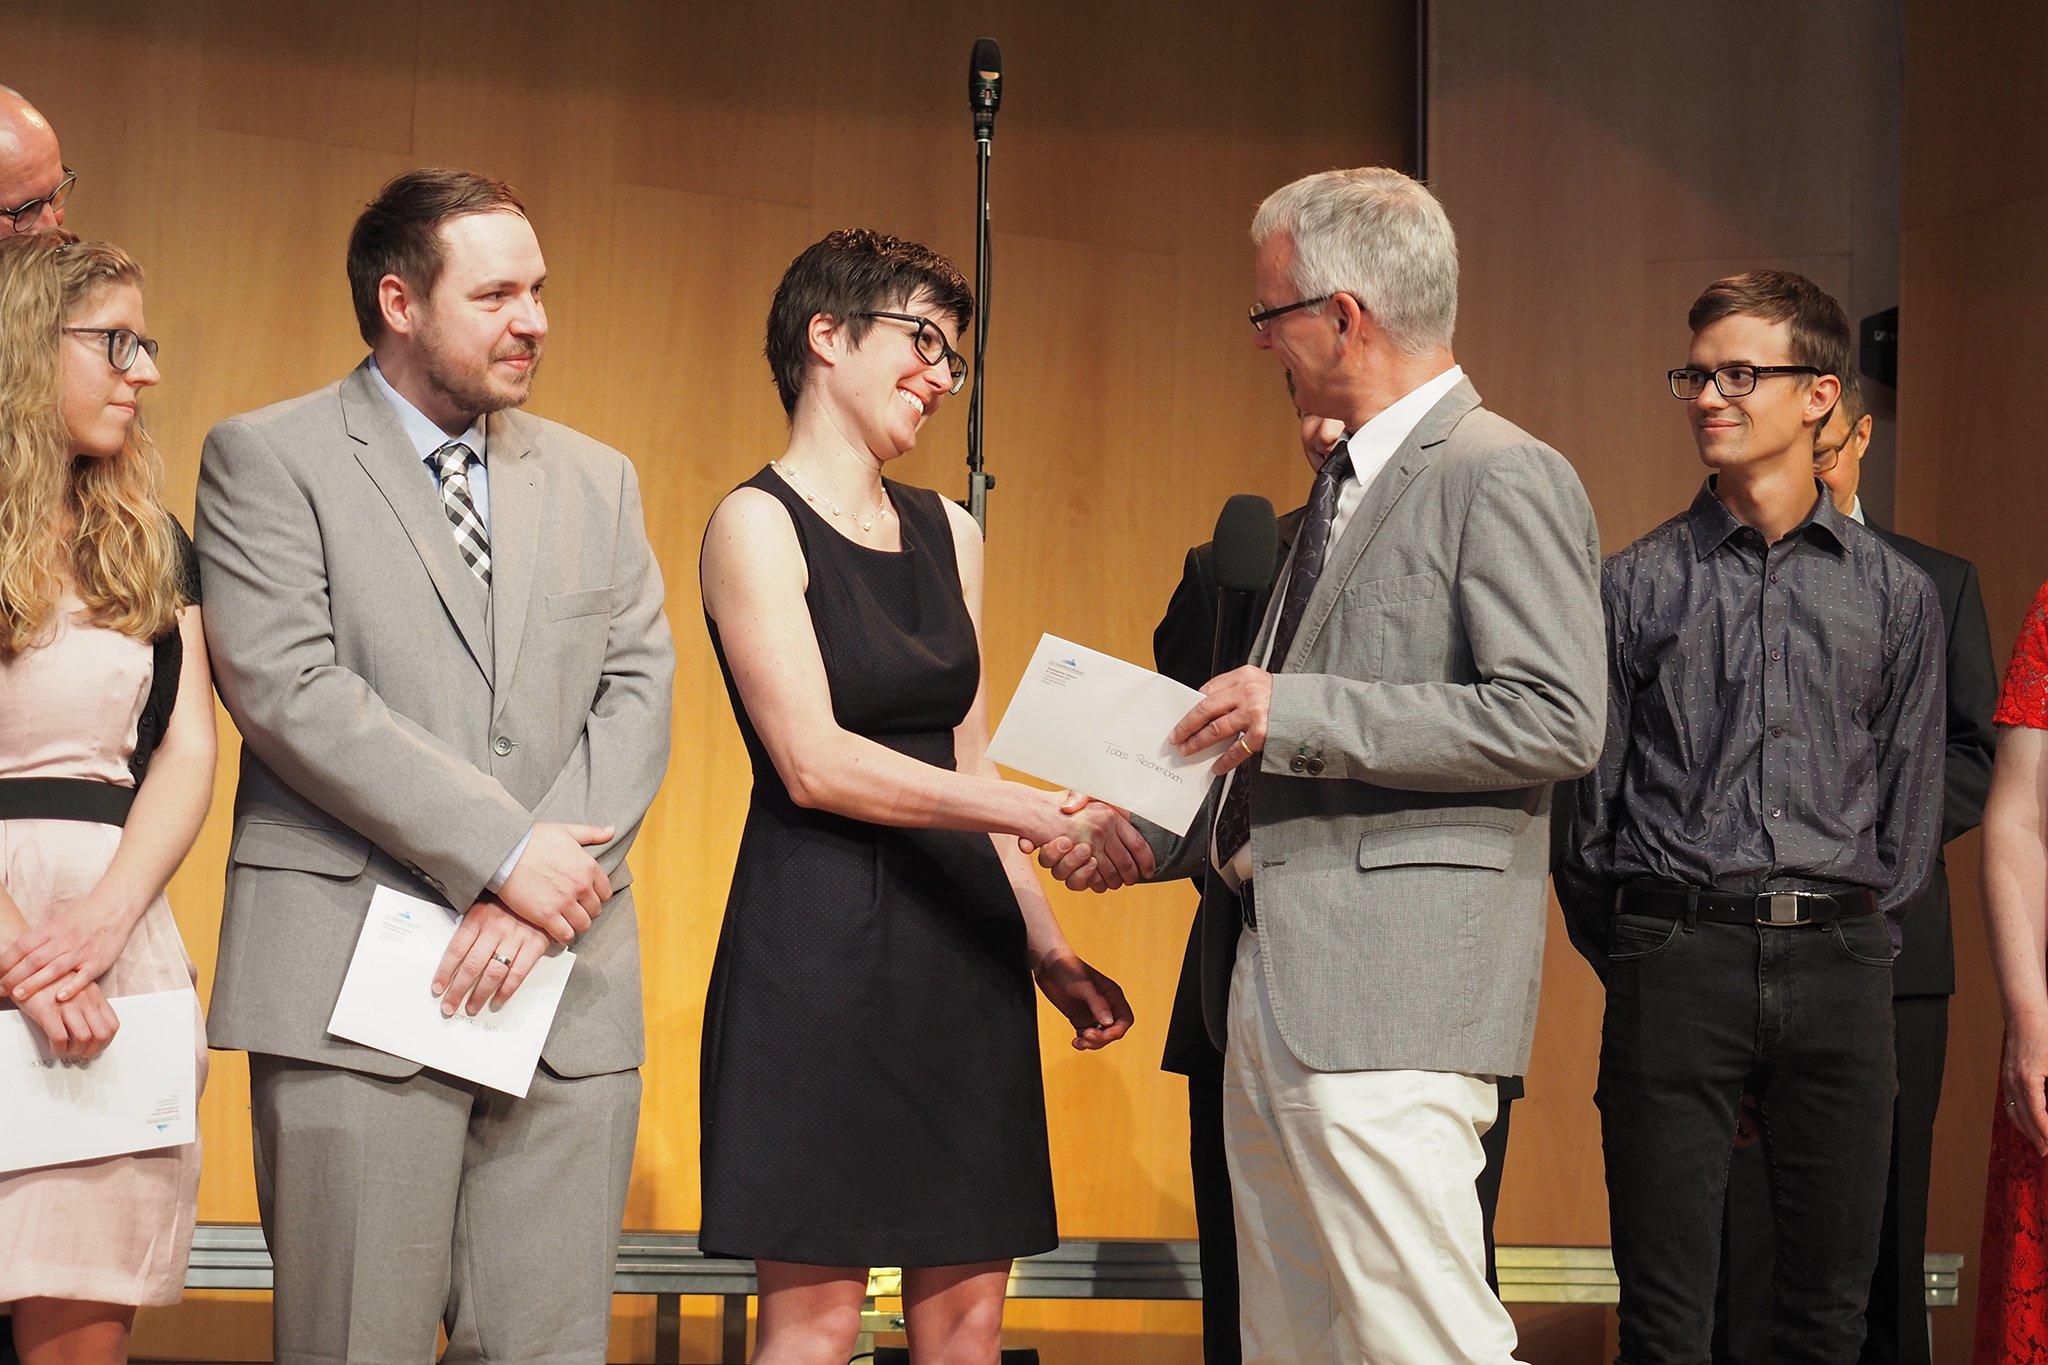 tsc-Jahresfest 2019: tsc-Dozent Claudius Buser gratuliert der Absolventin Tabea Reichenbach zu ihrem Studienabschluss.